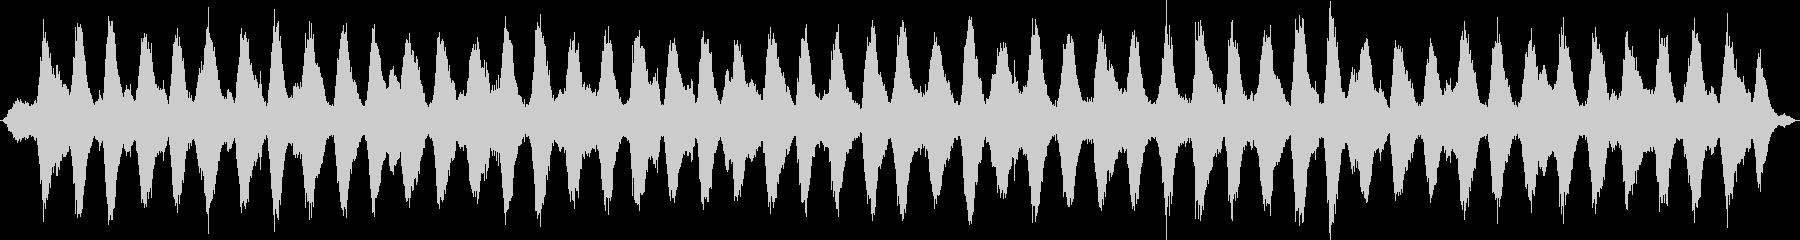 5分間の波音・海・浜辺・海風の未再生の波形